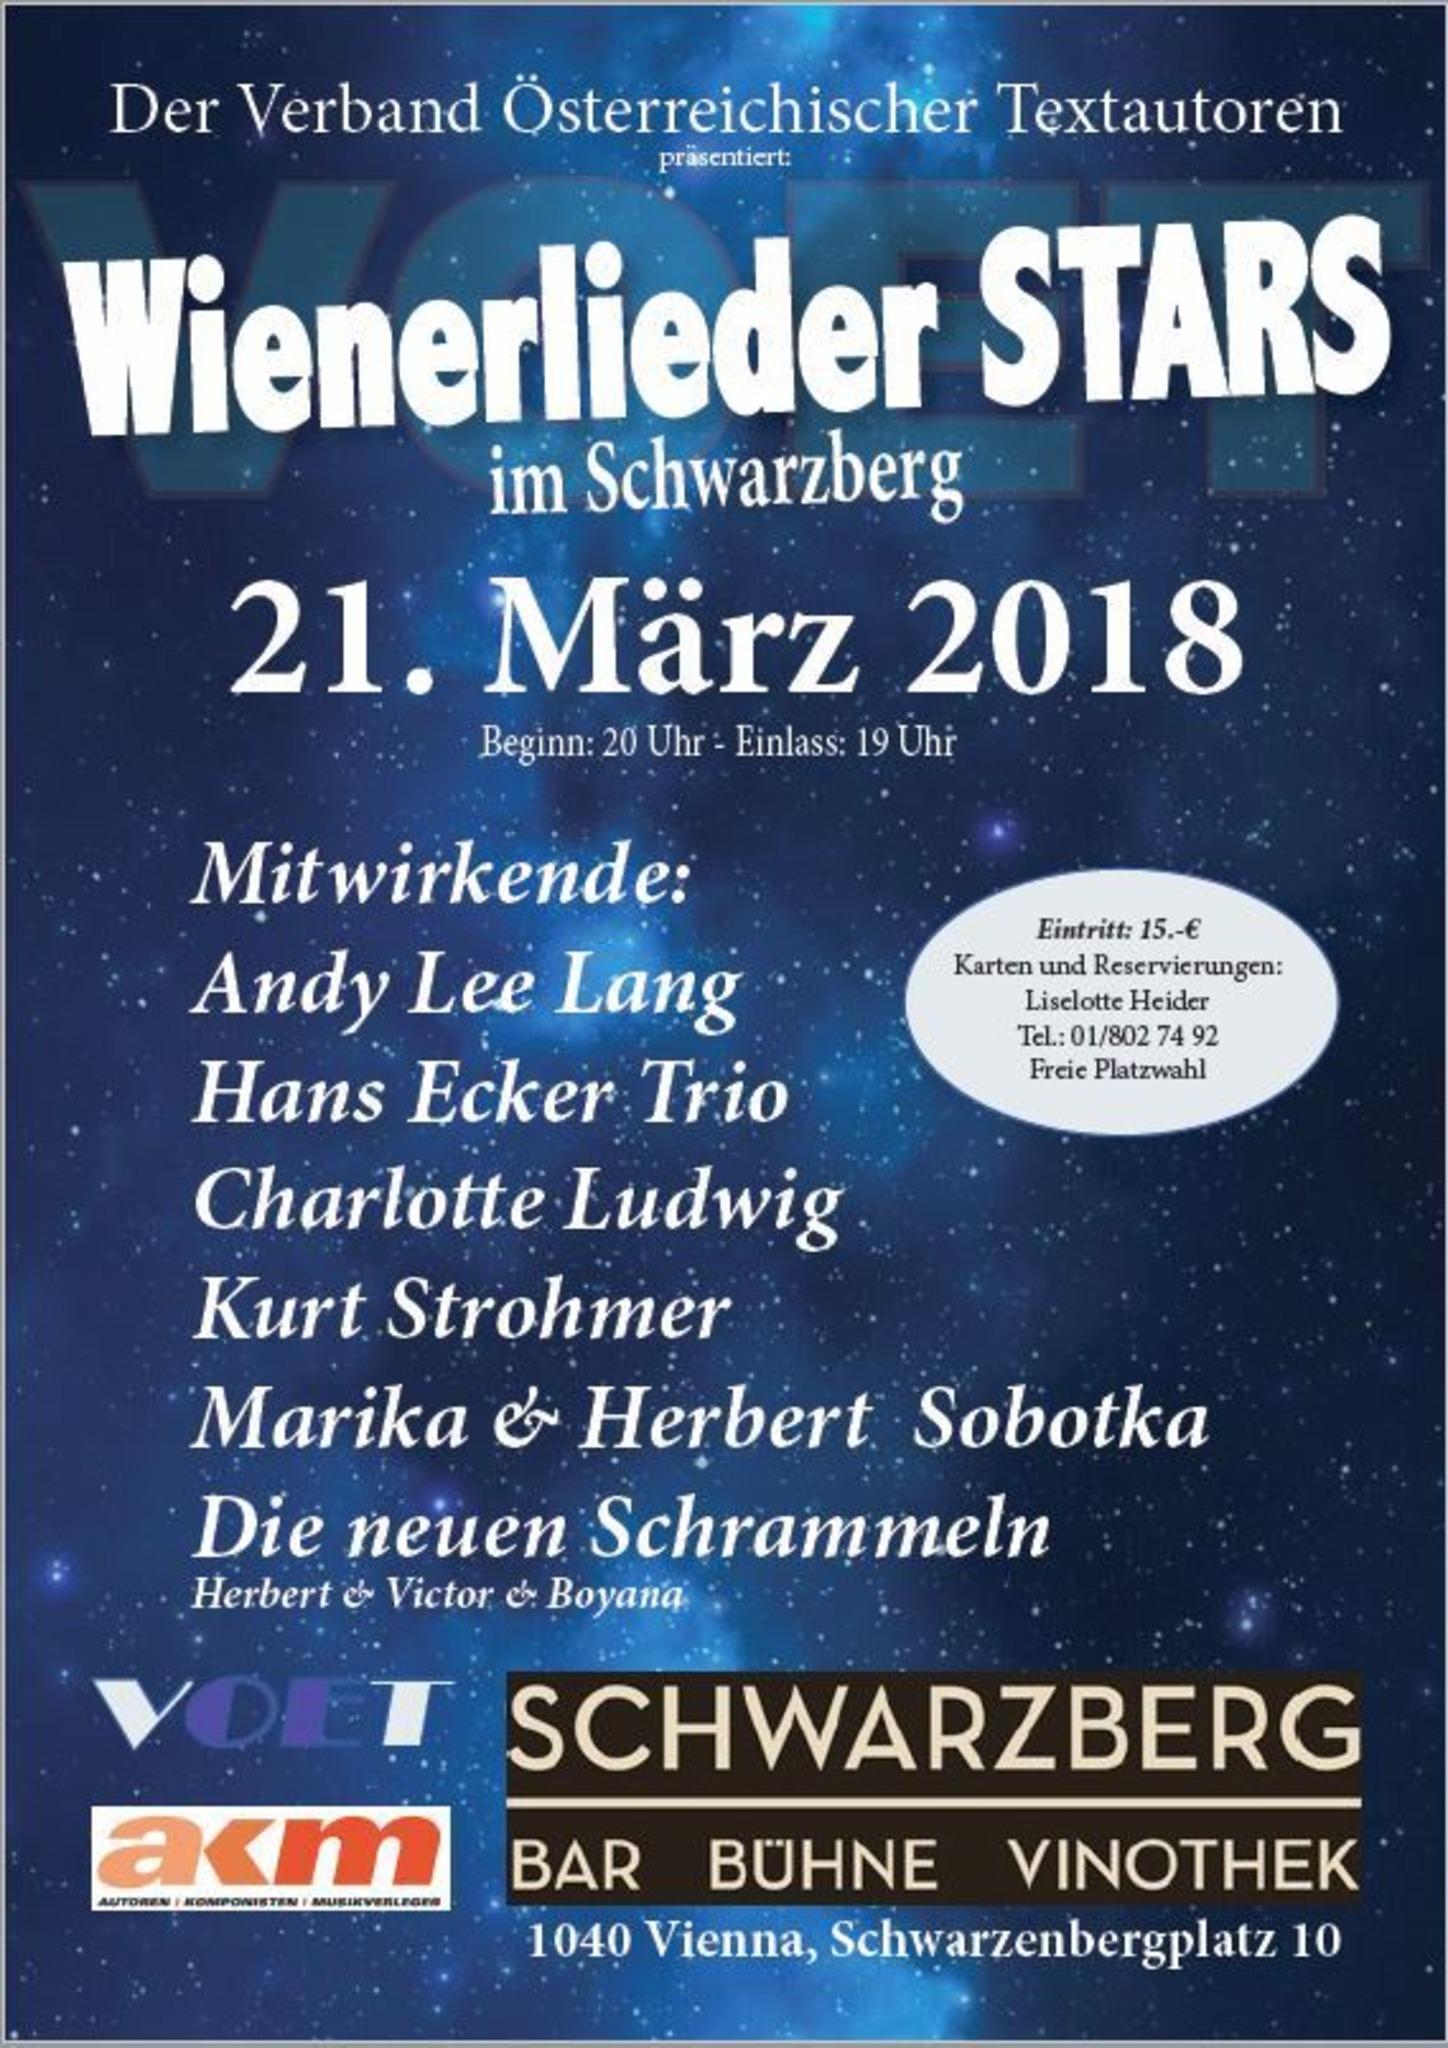 Wienerlieder Stars Im Schwarzberg Mit Stargast Andy Lee Lang Mariahilf